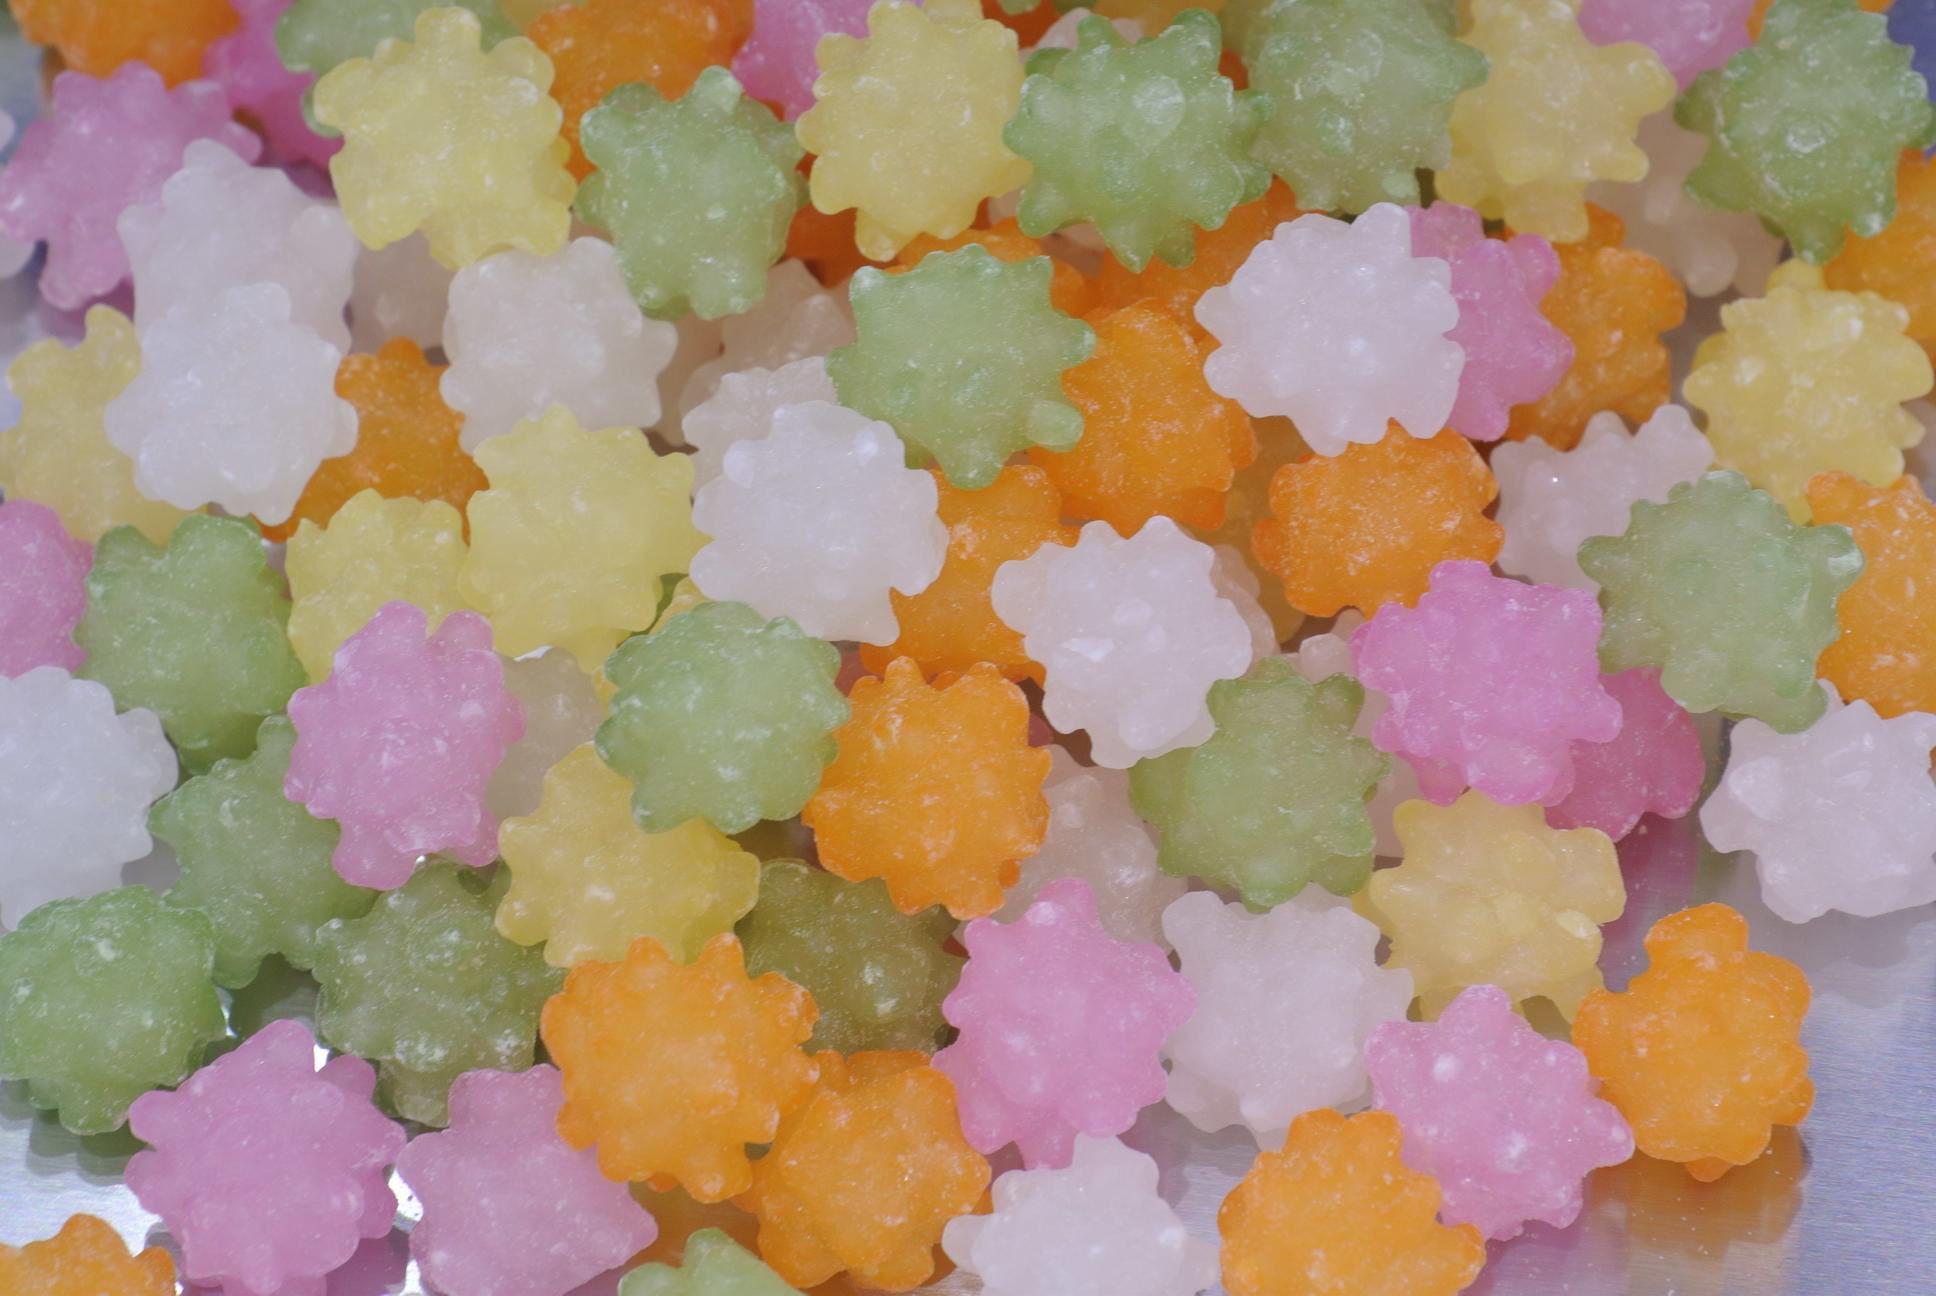 金平糖(たっぷり1kg)白主体の赤、黄、緑、橙の5色ミックス金平糖♪